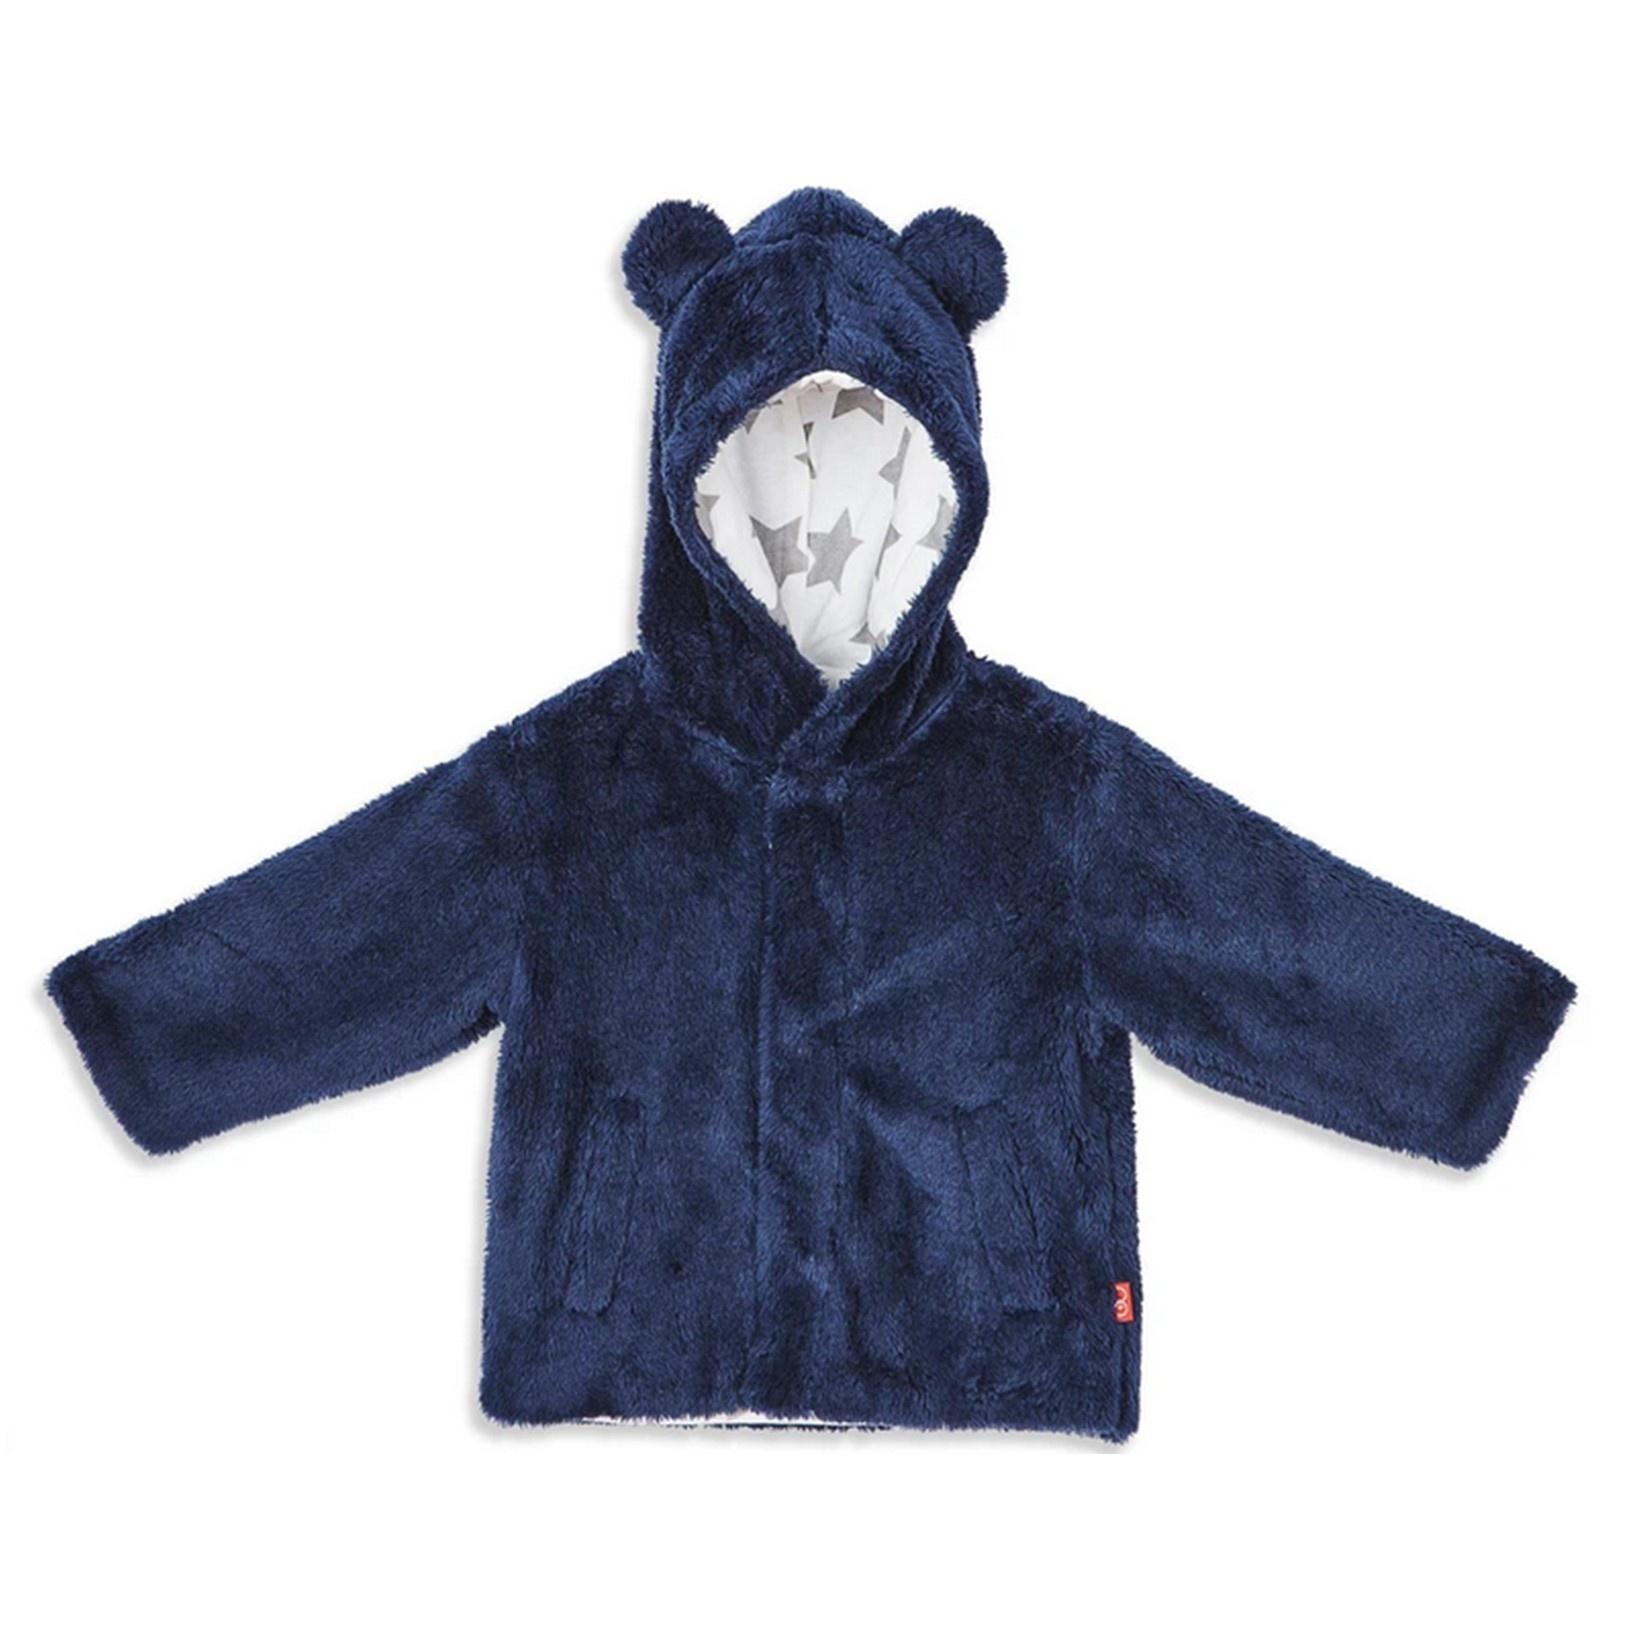 Magnetic Me Navy Minky Fleece Jacket